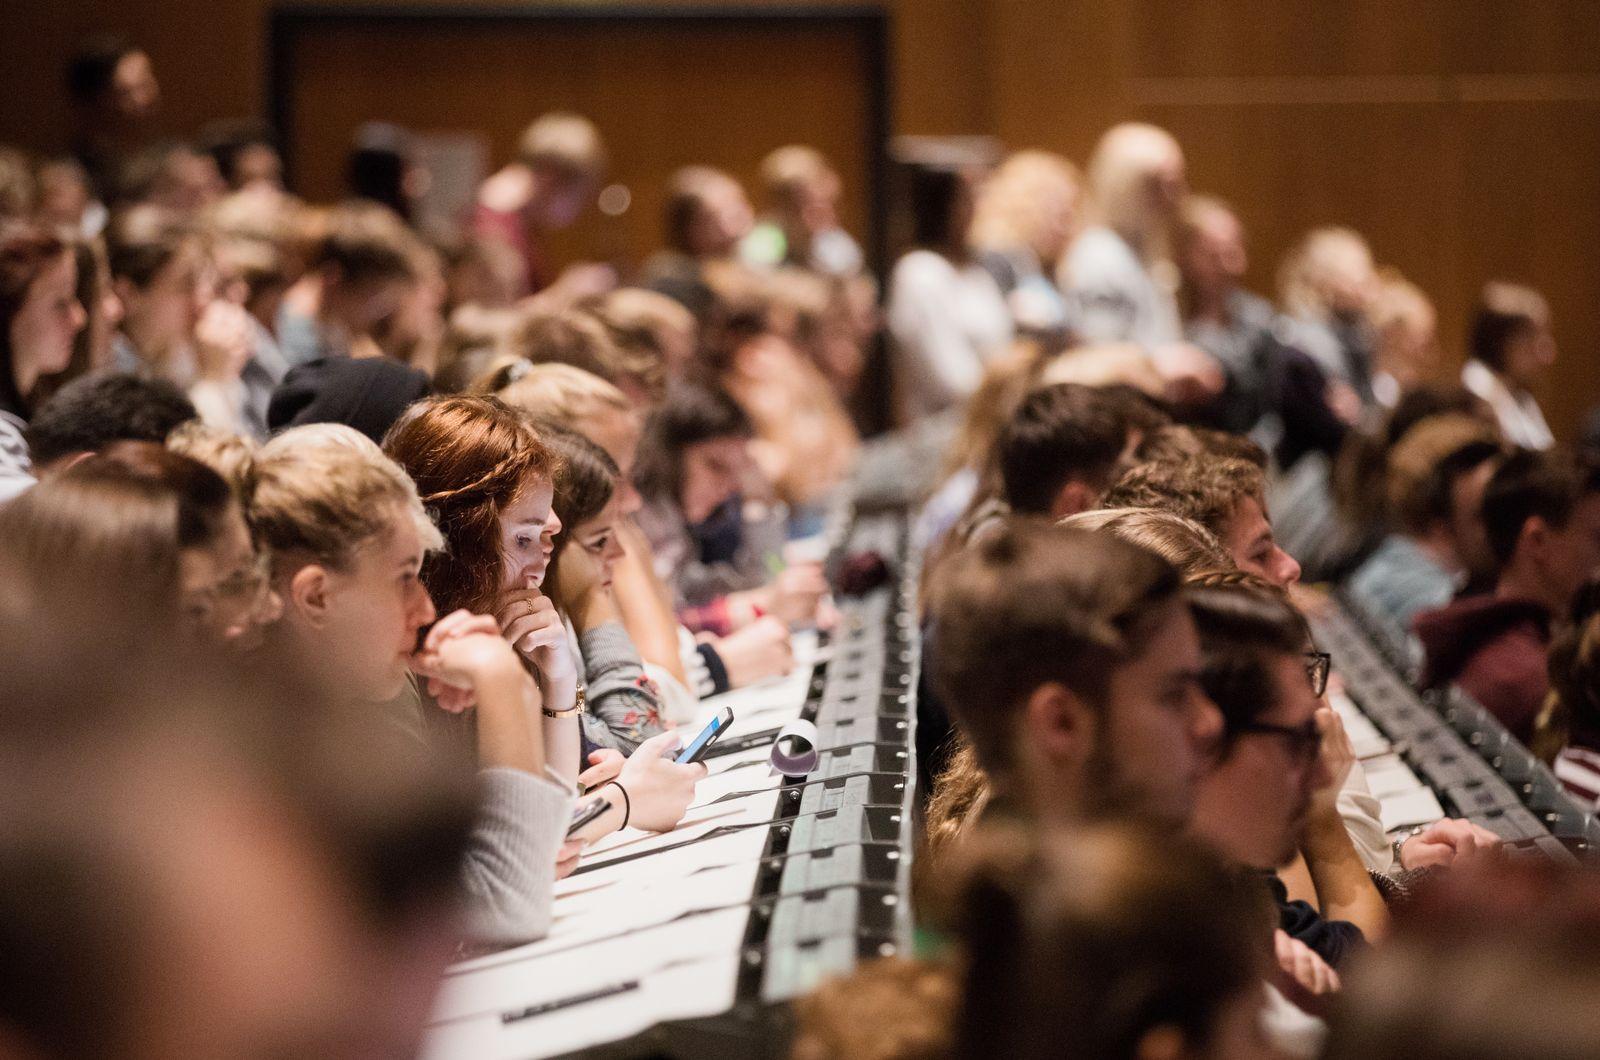 Universität / Studierende / Studenten / Vorlesung